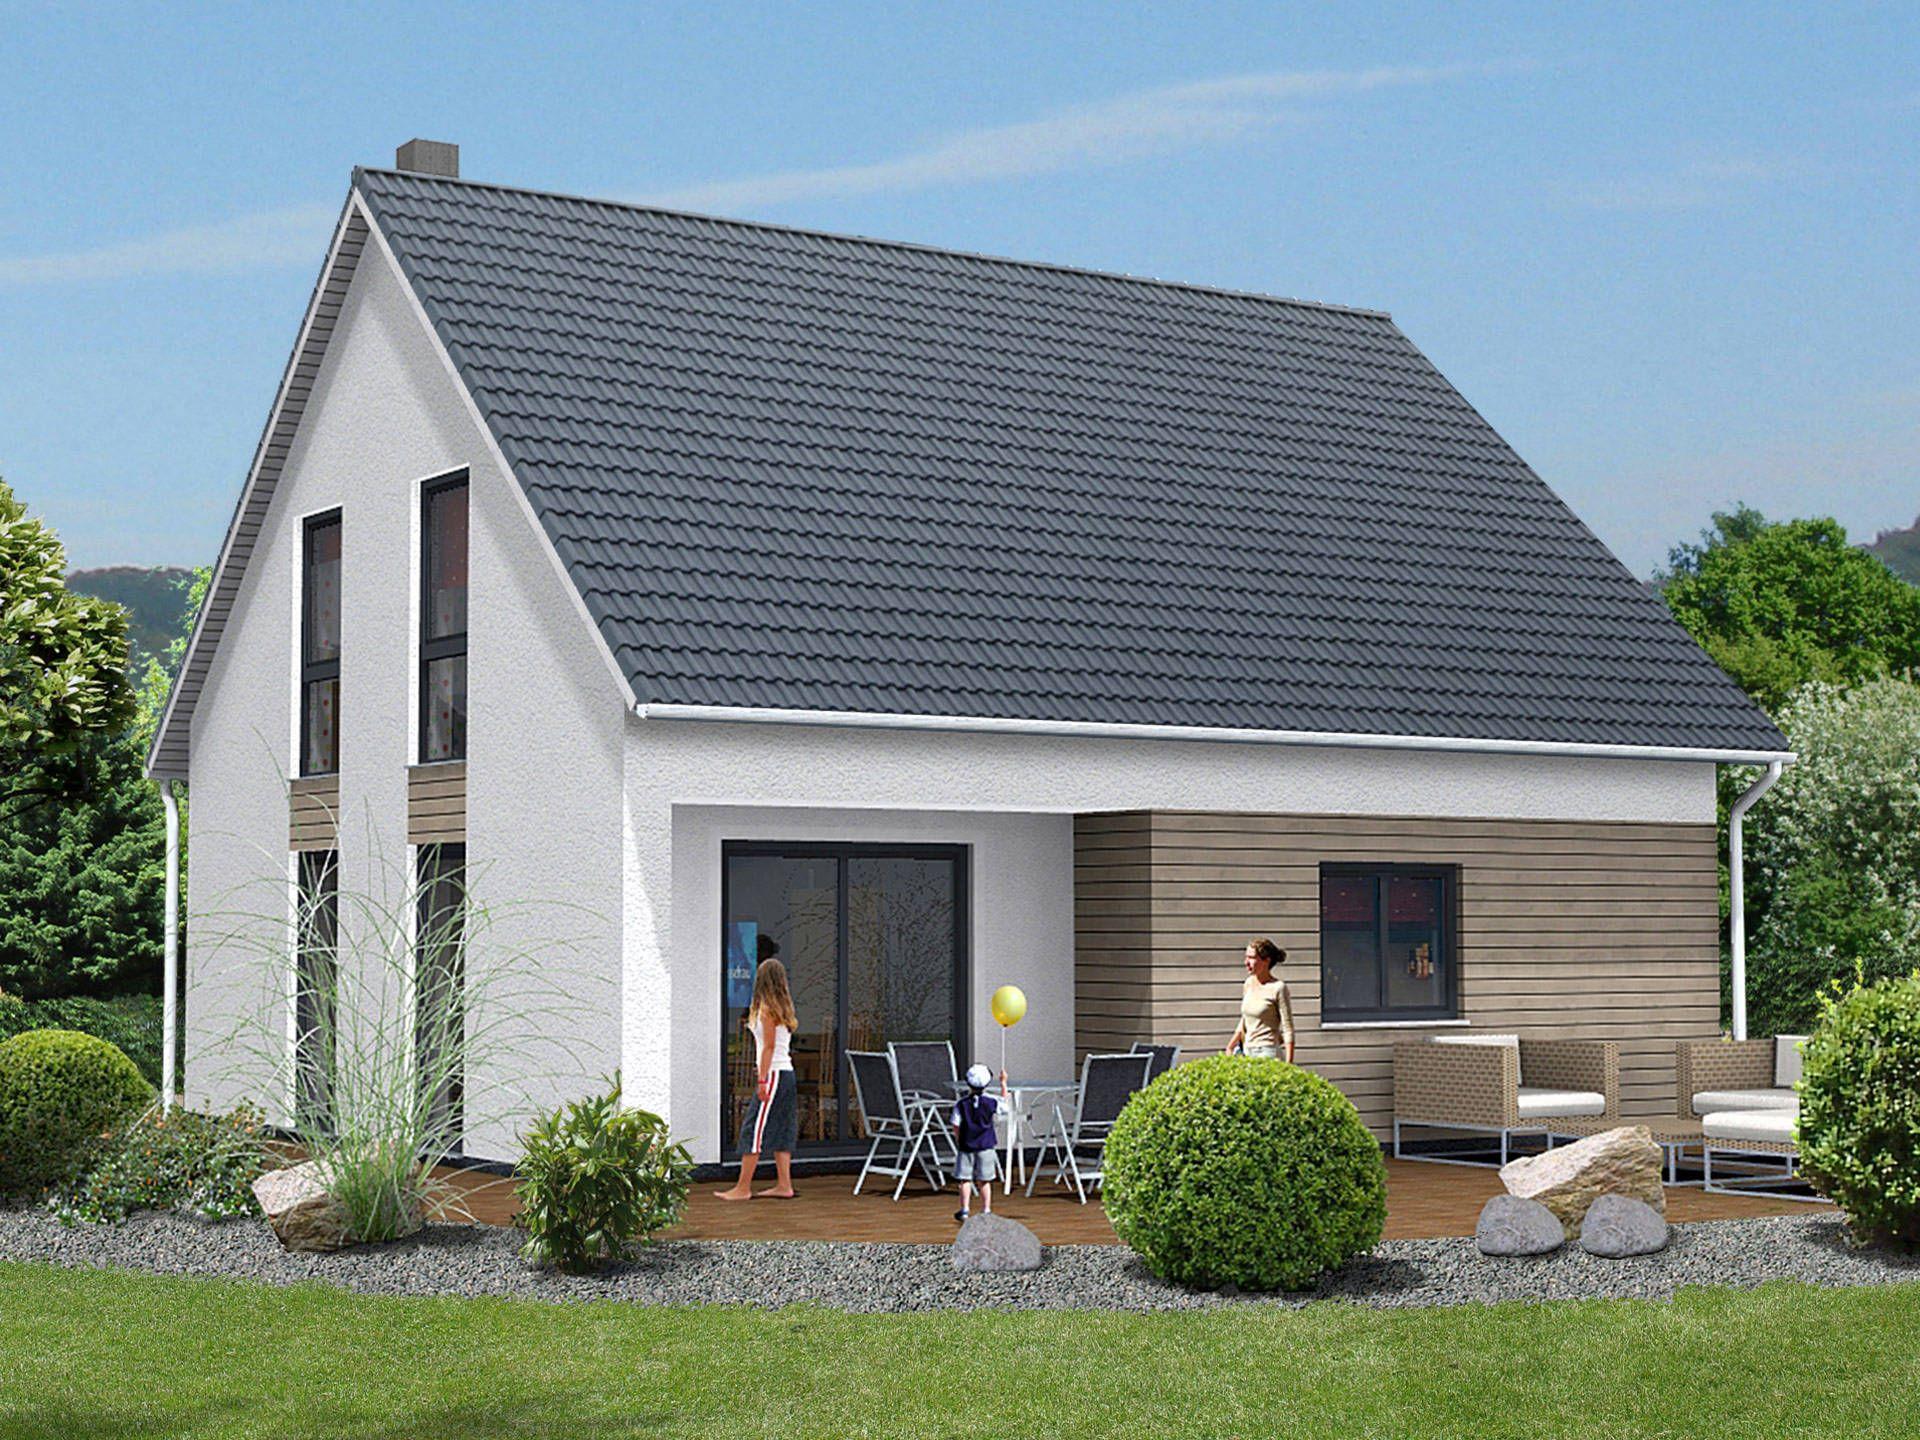 Ytong Häuser ytong bausatzhaus alles häuser preise küchenschränke galerien